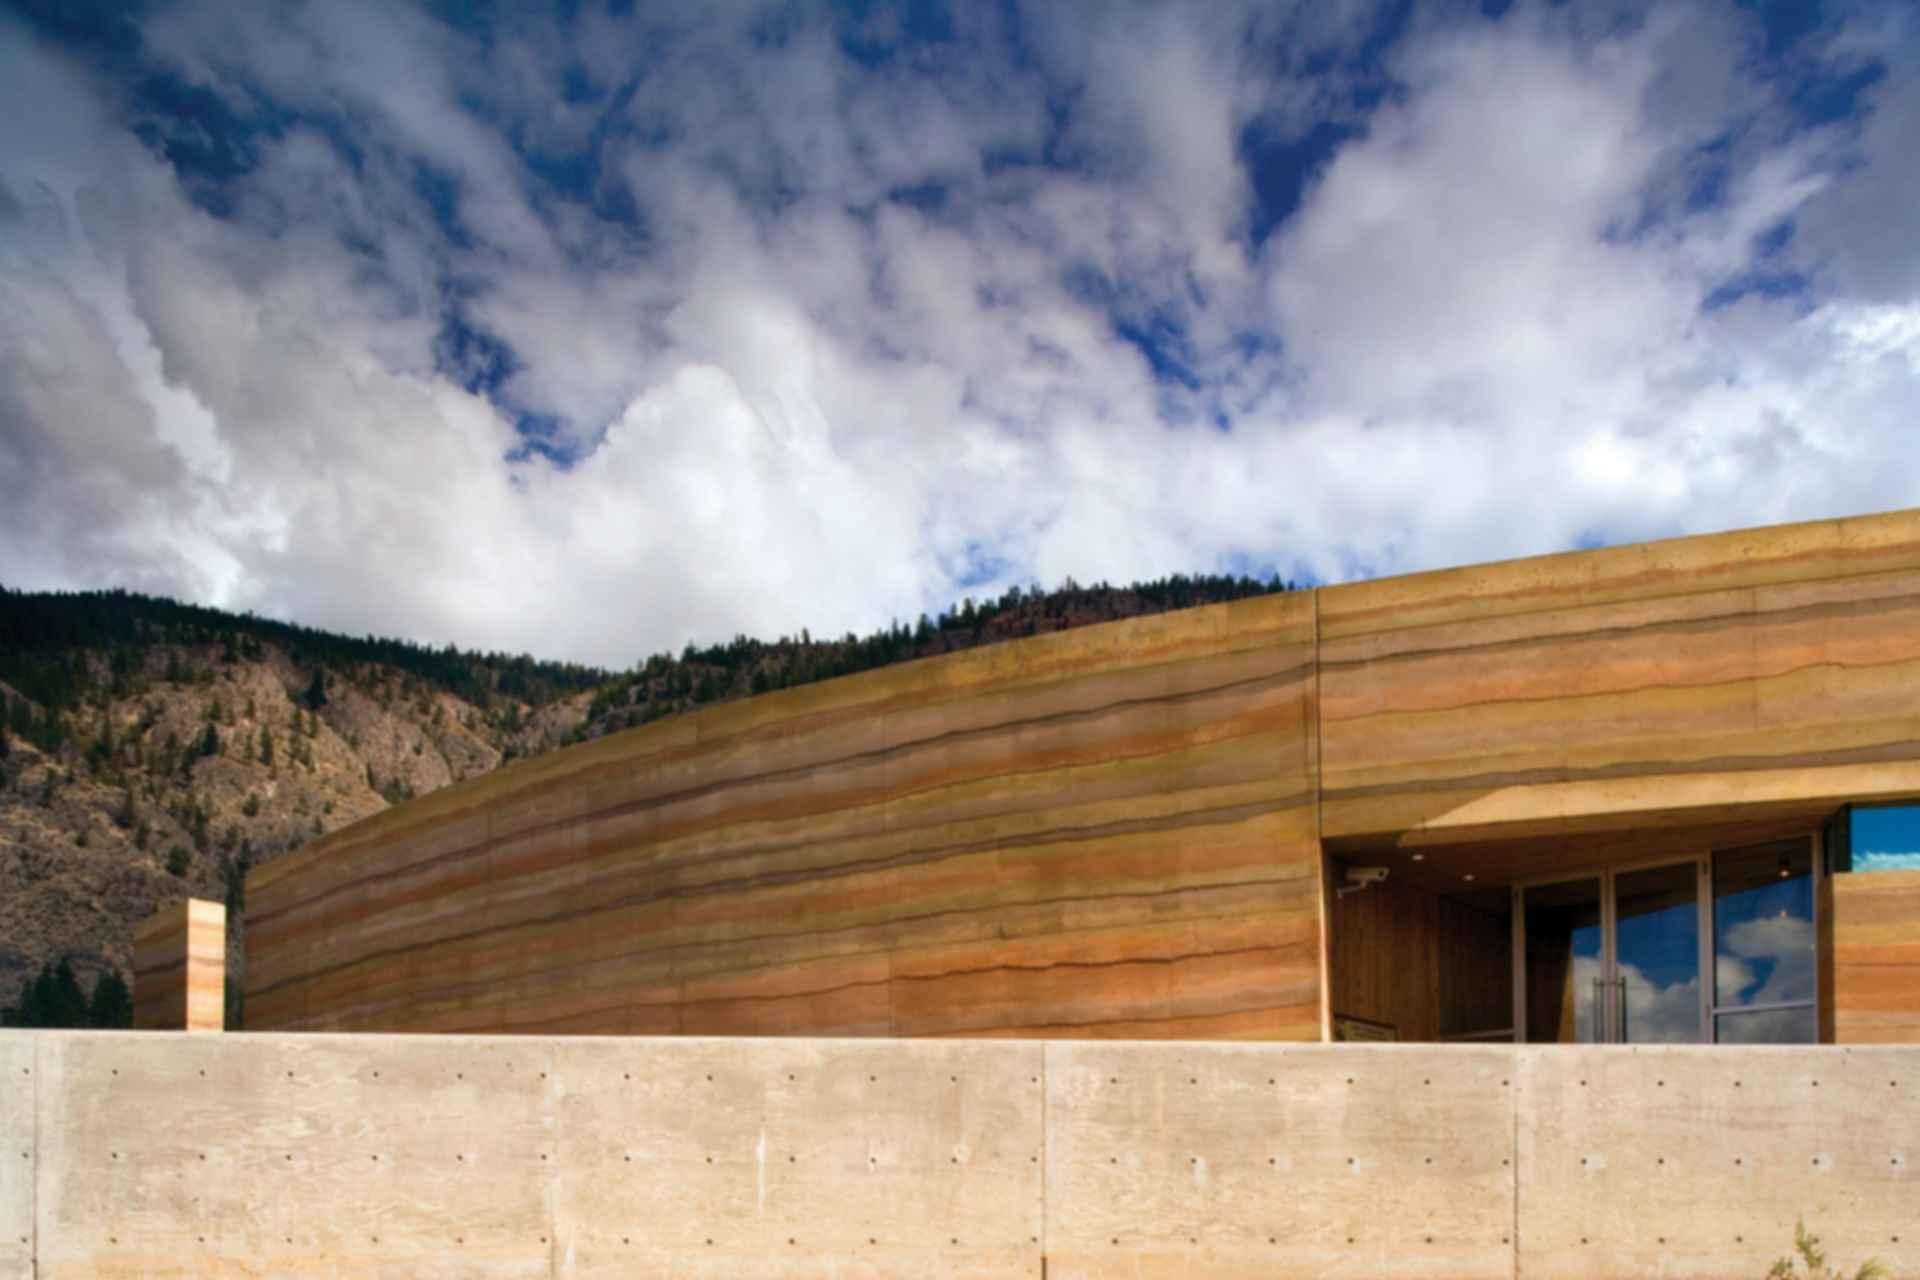 Nk'Mip Desert Cultural Centre - Exterior/Walls